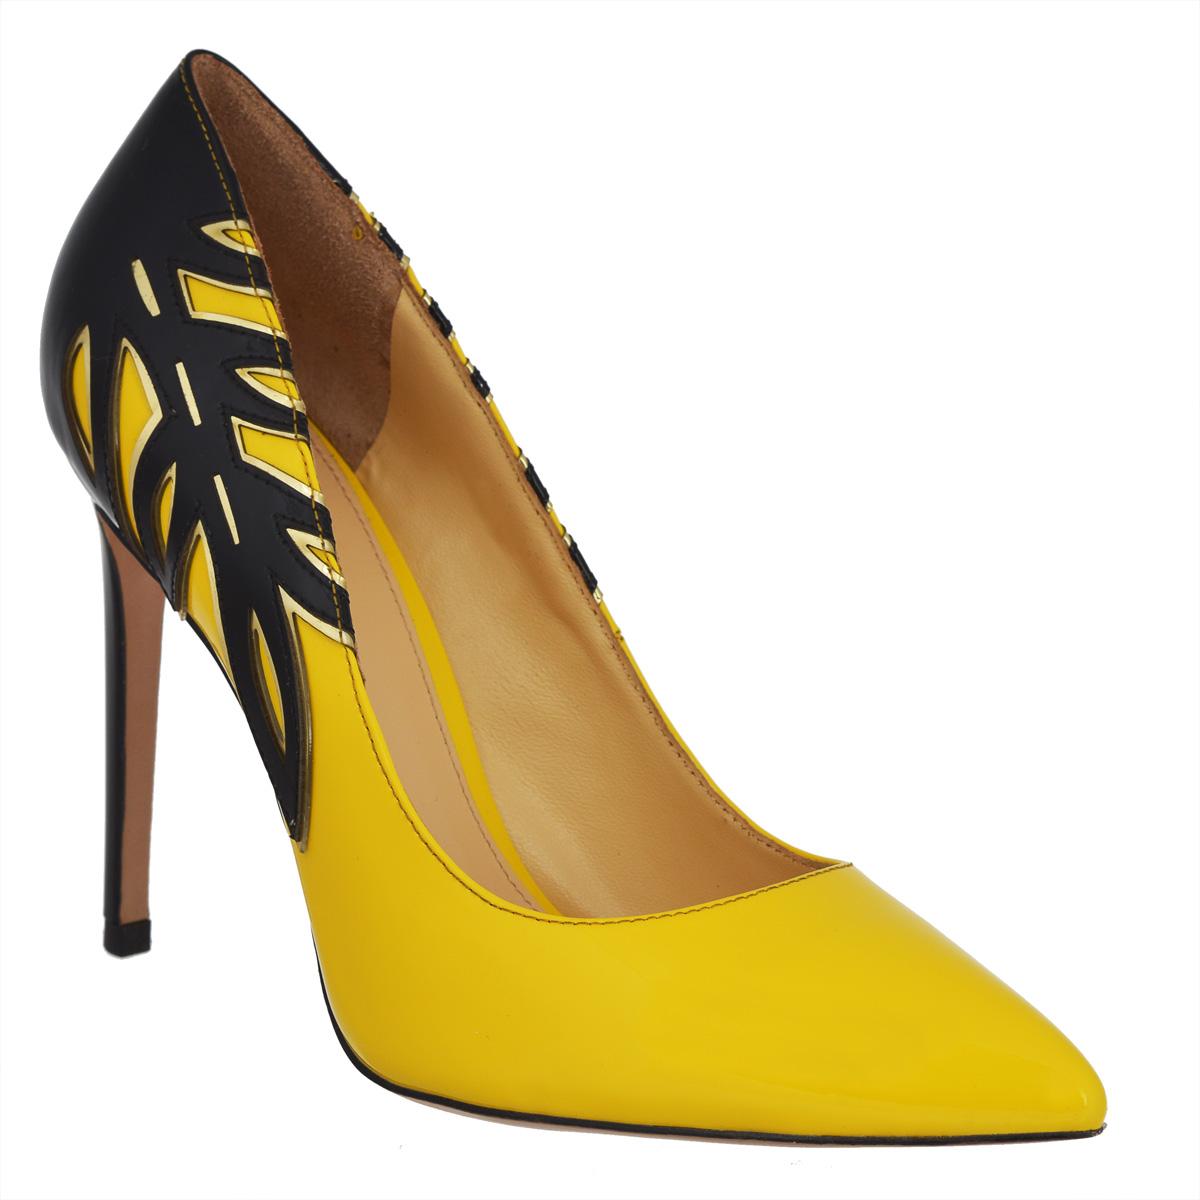 Туфли женские. 598559858Элегантные женские туфли Vitacci покорят вас с первого взгляда. Модель изготовлена из натуральной лакированной кожи. Боковые стороны туфель оформлены изумительной растительной аппликацией с золотистой окантовкой. Зауженный носок добавит женственности в ваш образ. Стелька из натуральной кожи позволяет ногам дышать. Ультравысокий каблук-шпилька компенсирован скрытой платформой. Подошва с рифлением обеспечивает отличное сцепление с любой поверхностью. Изысканные туфли добавят шика в модный образ и подчеркнут ваш безупречный вкус.